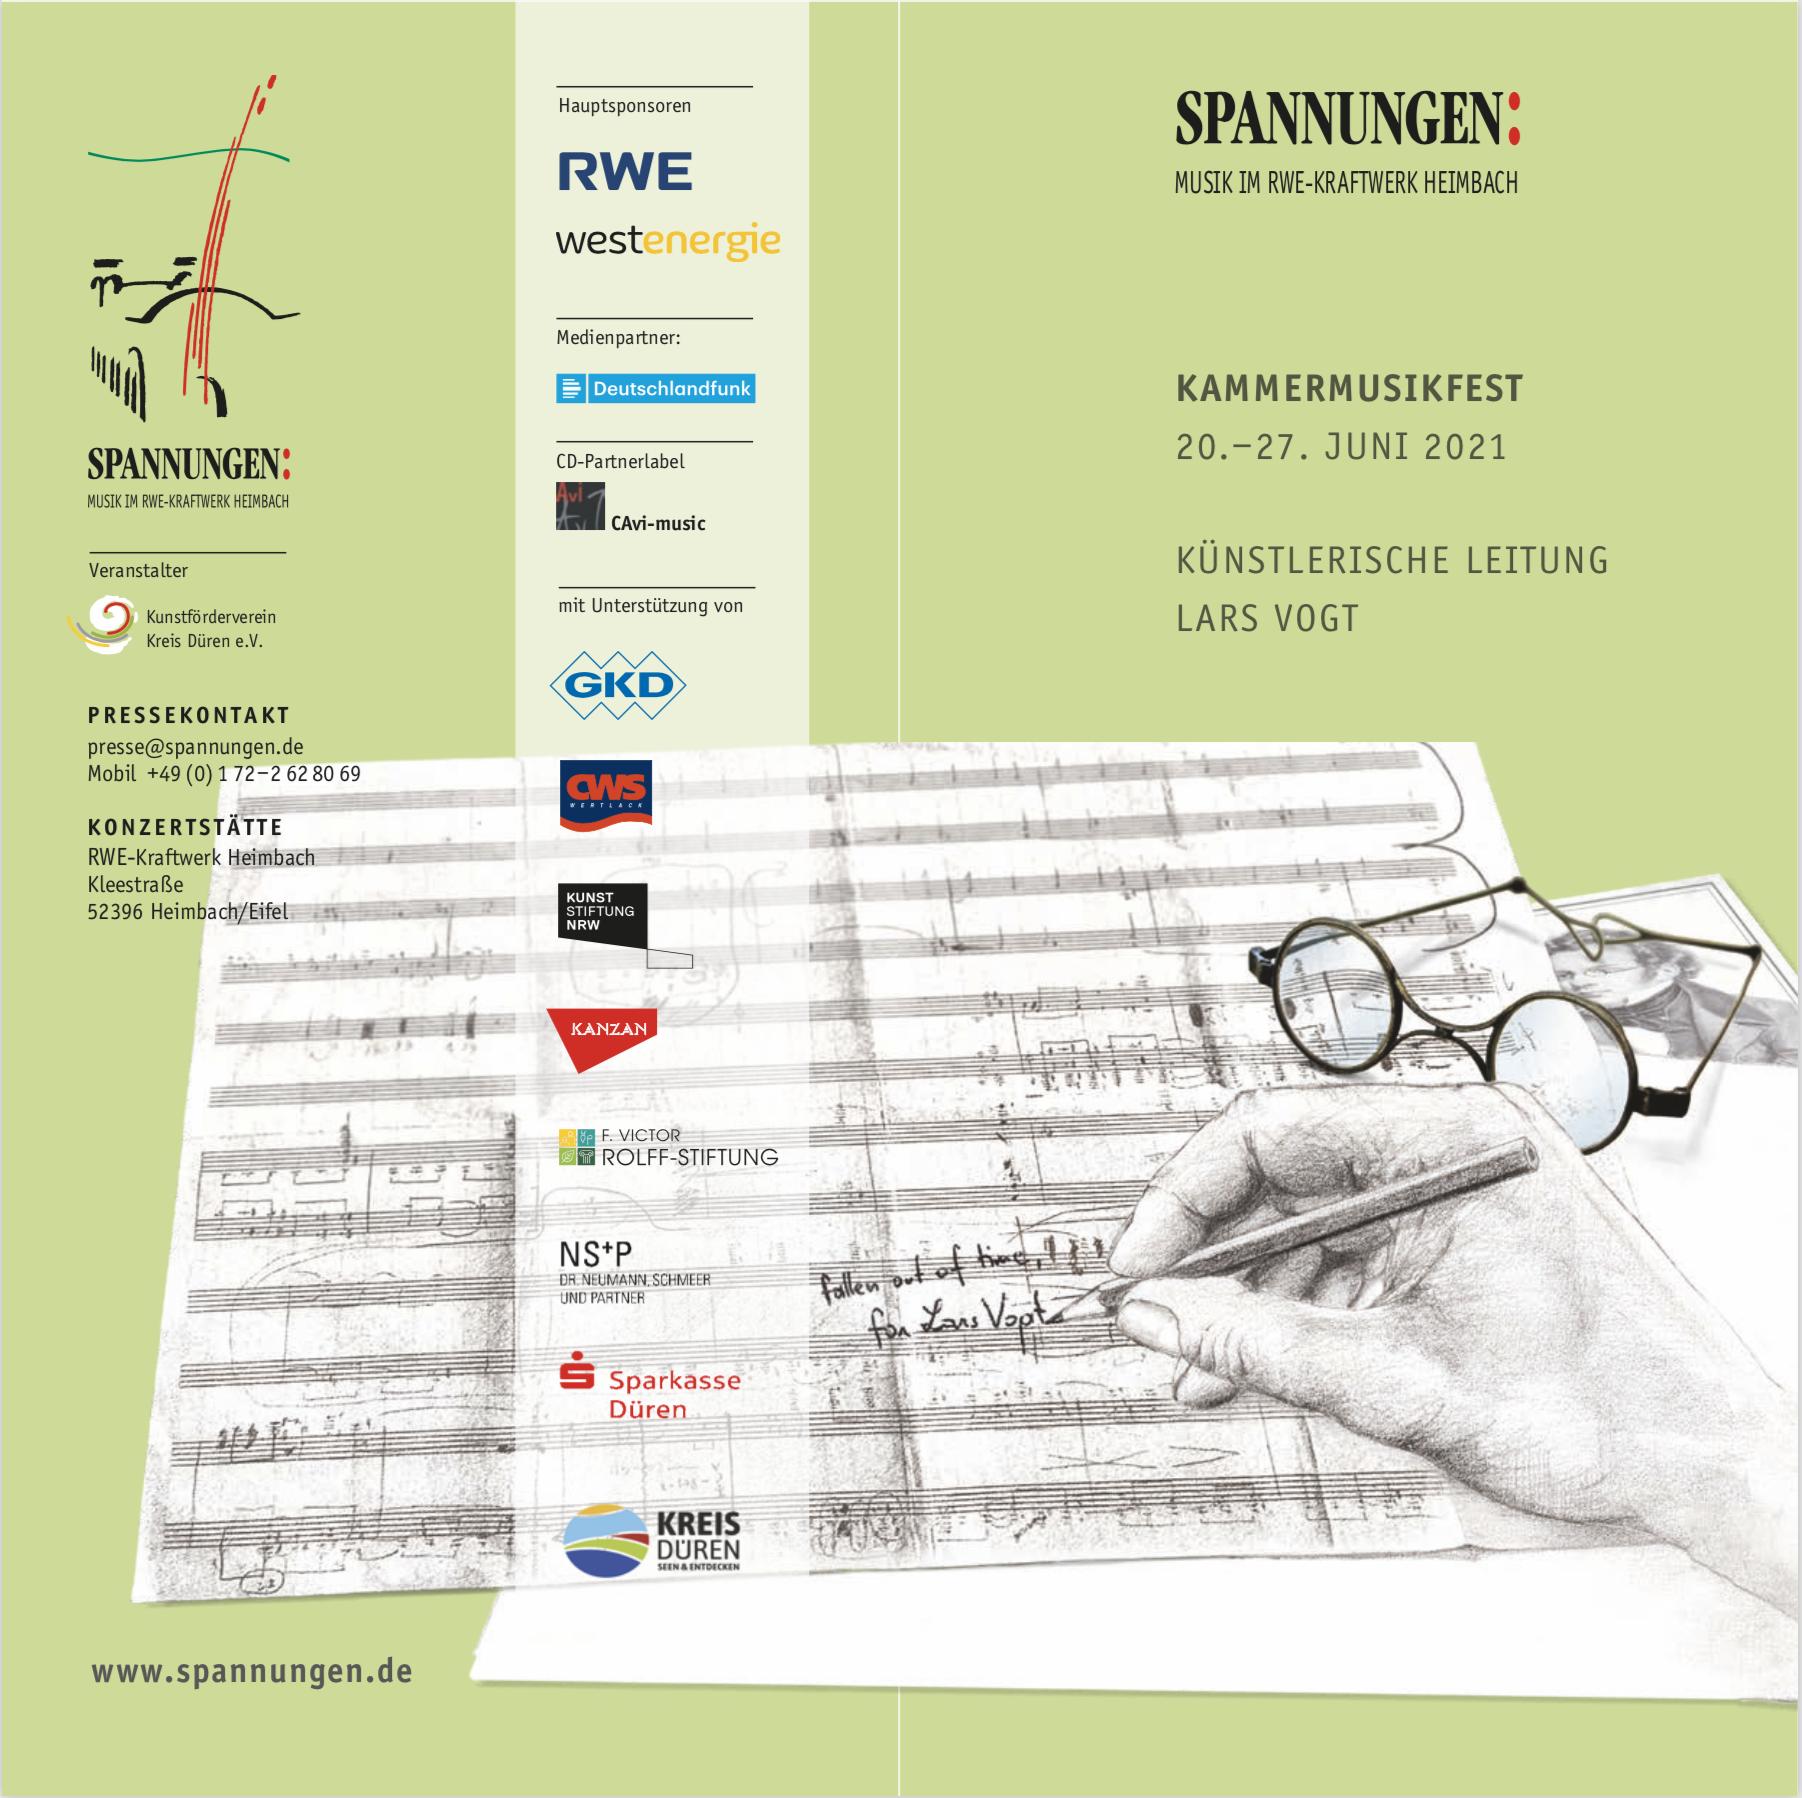 Das Kammermusikfest SPANNUNGEN Heimbach online